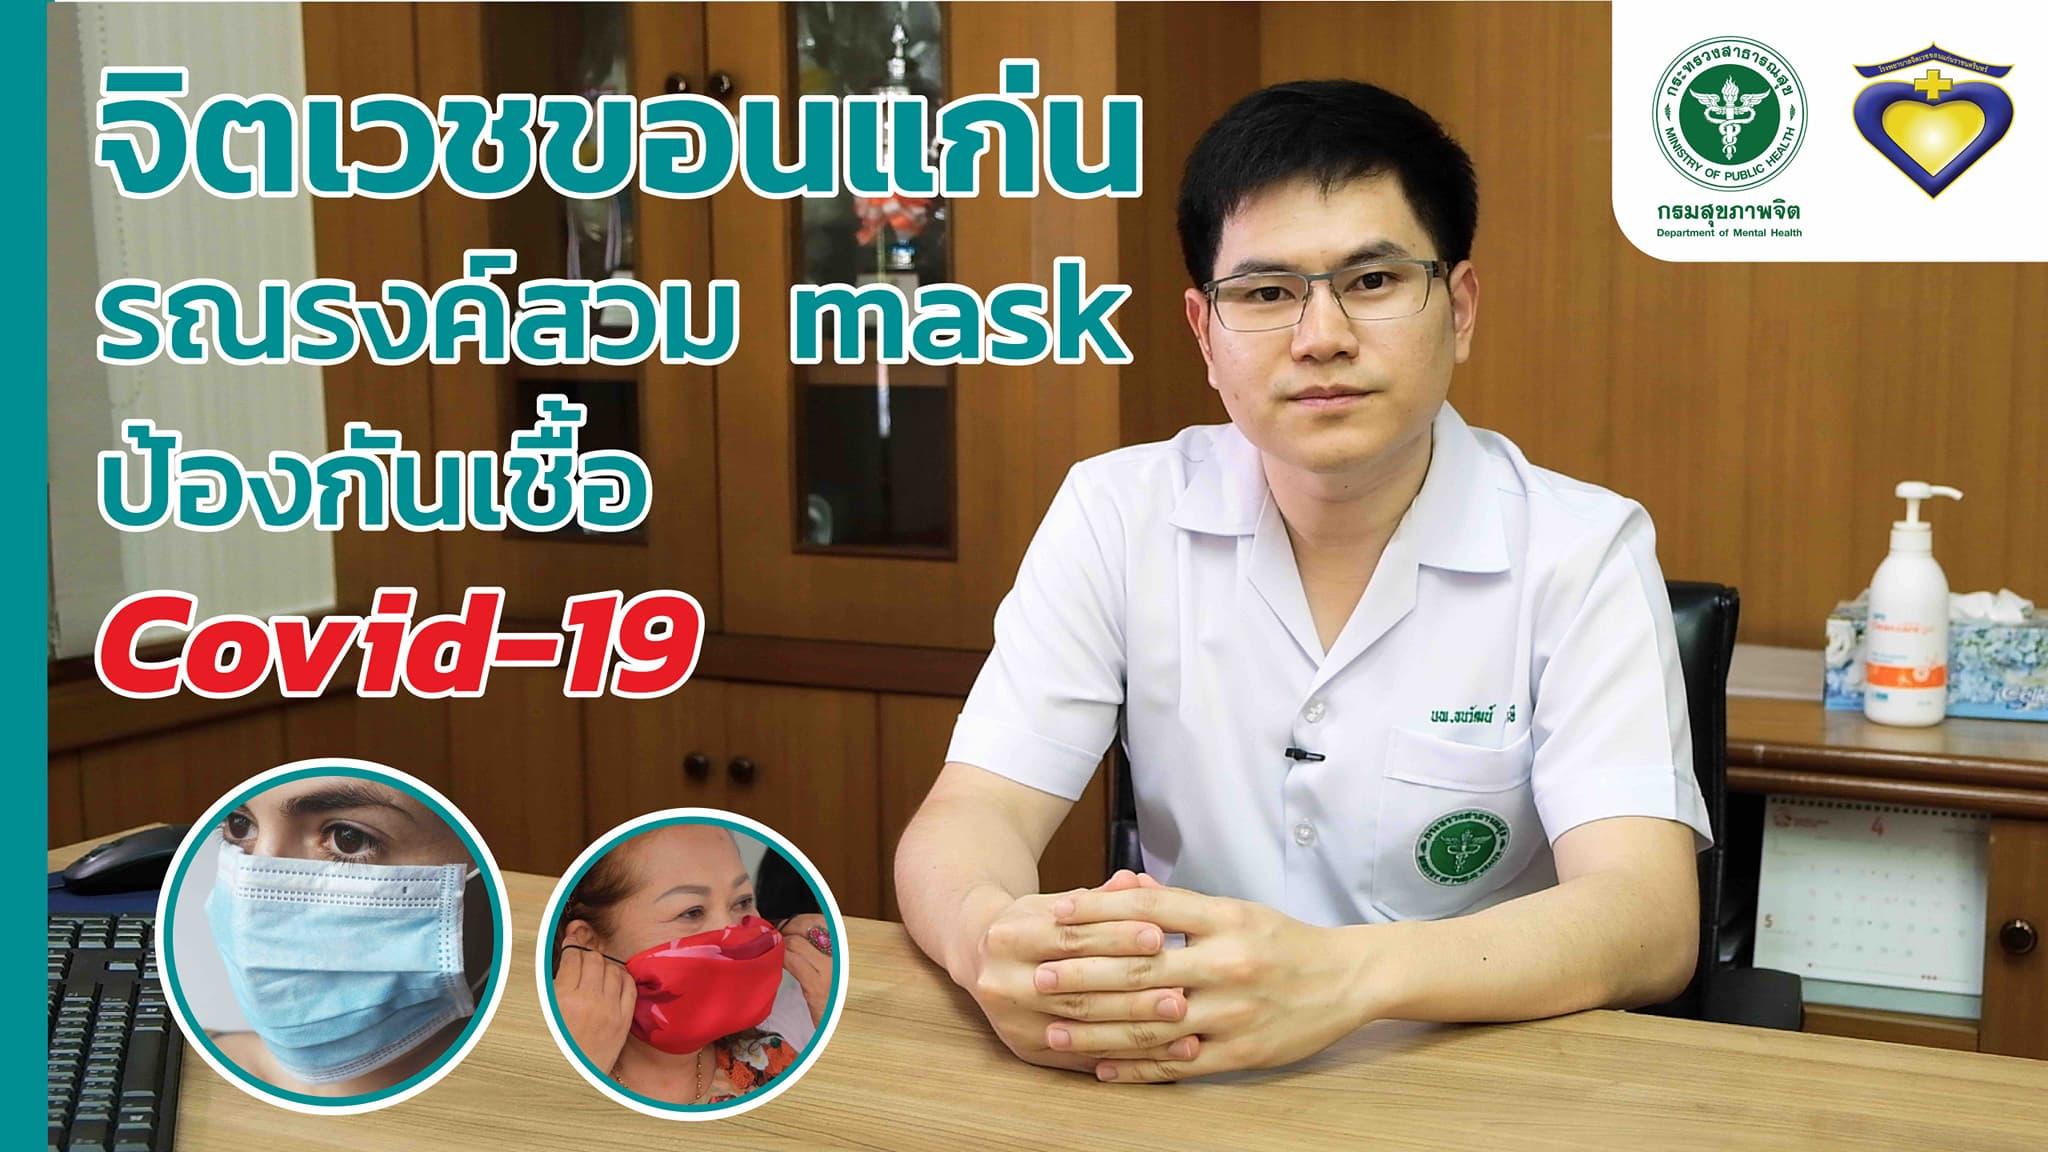 จิตเวชขอนแก่น ให้ความรู้เรื่อง สวม mask ป้องกันเชื้อ